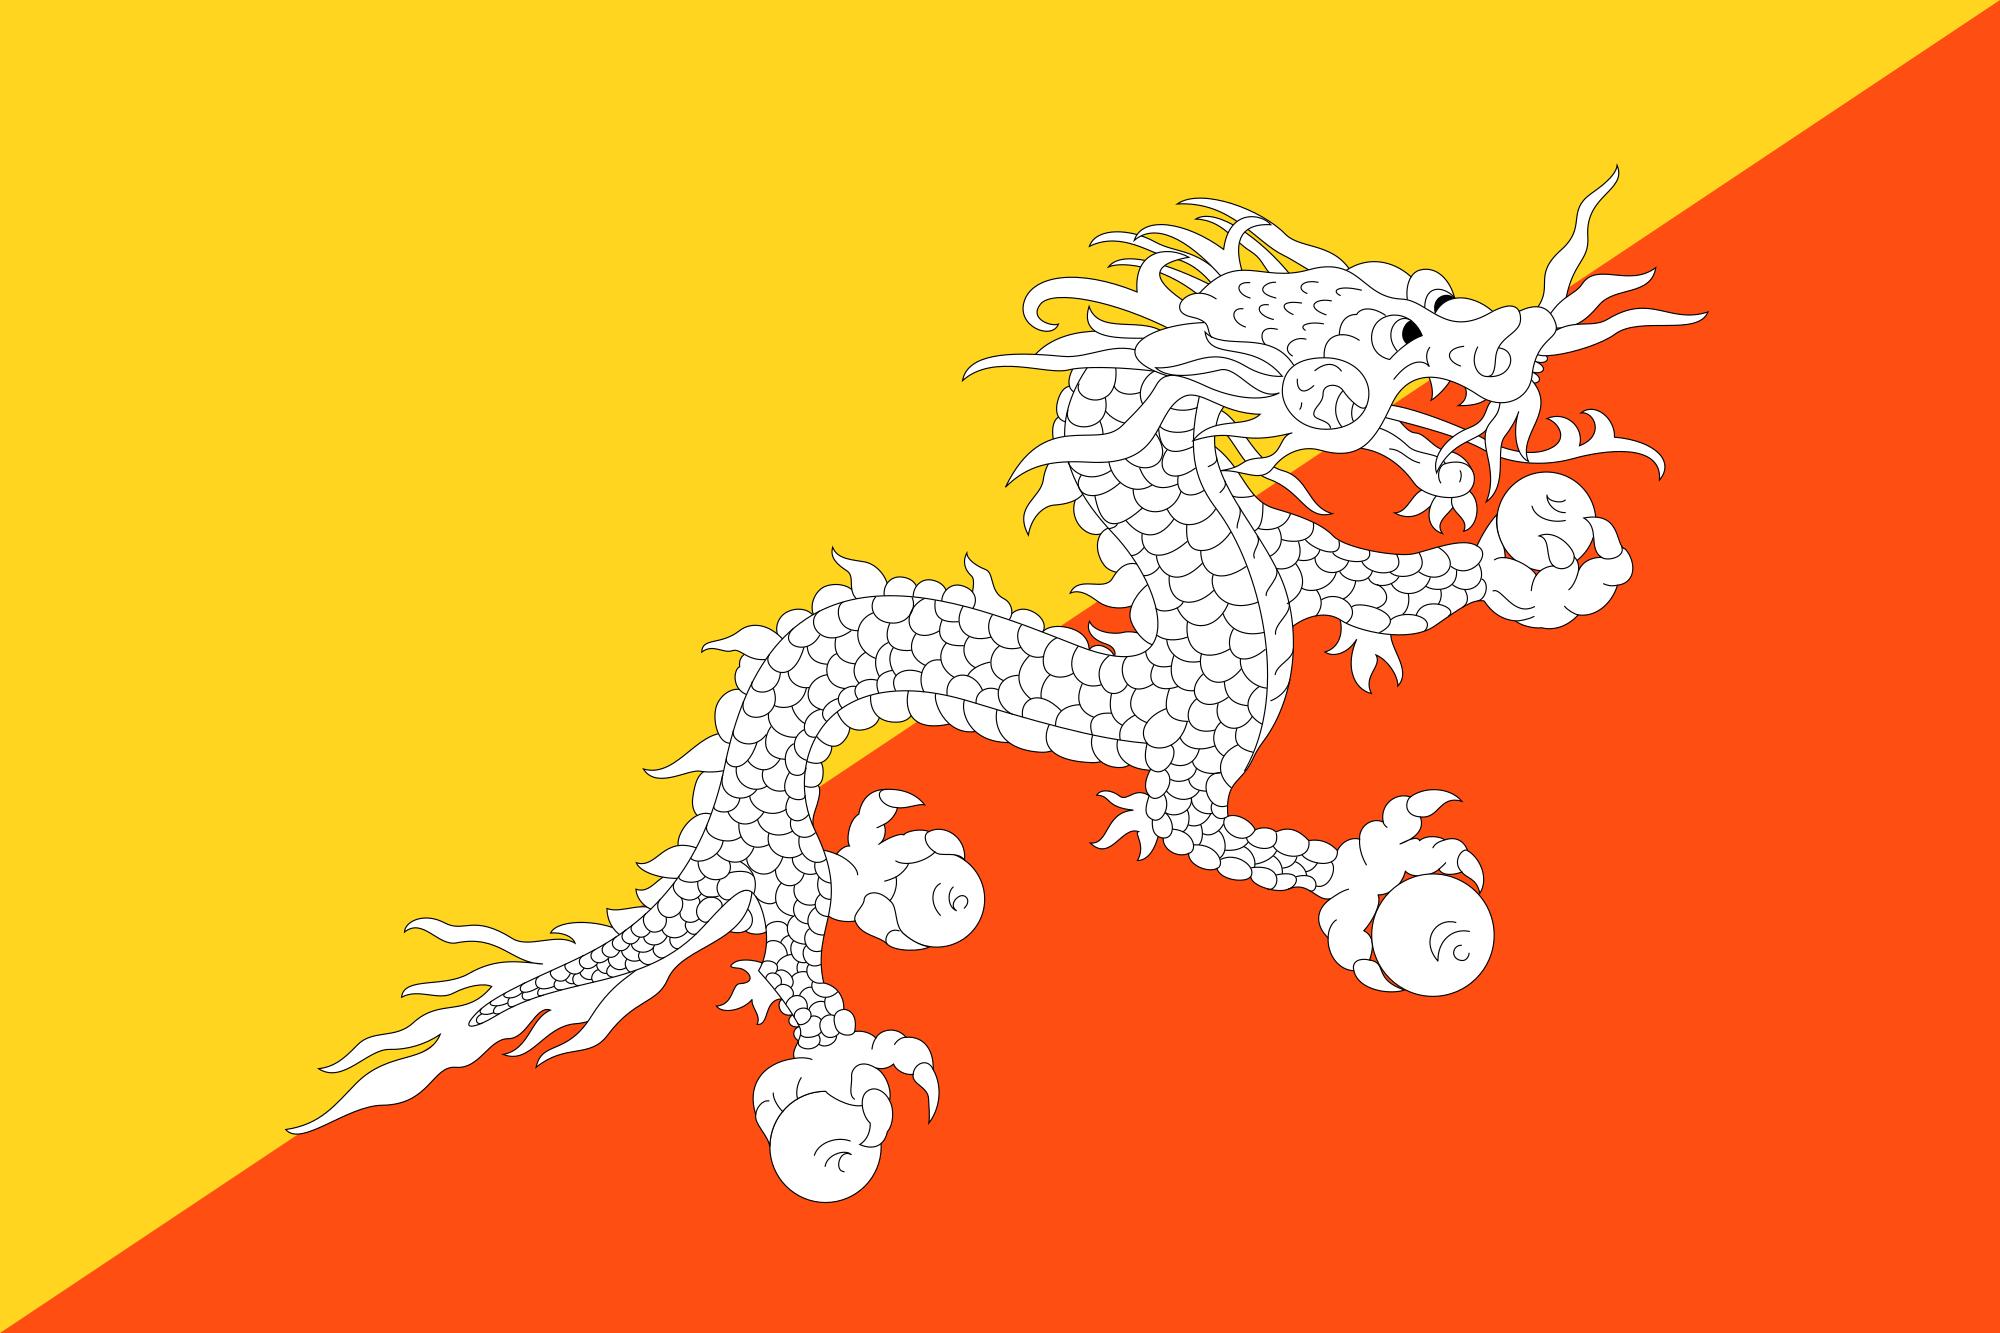 Drapeau du Bhoutan. Crédits : Wikicommons